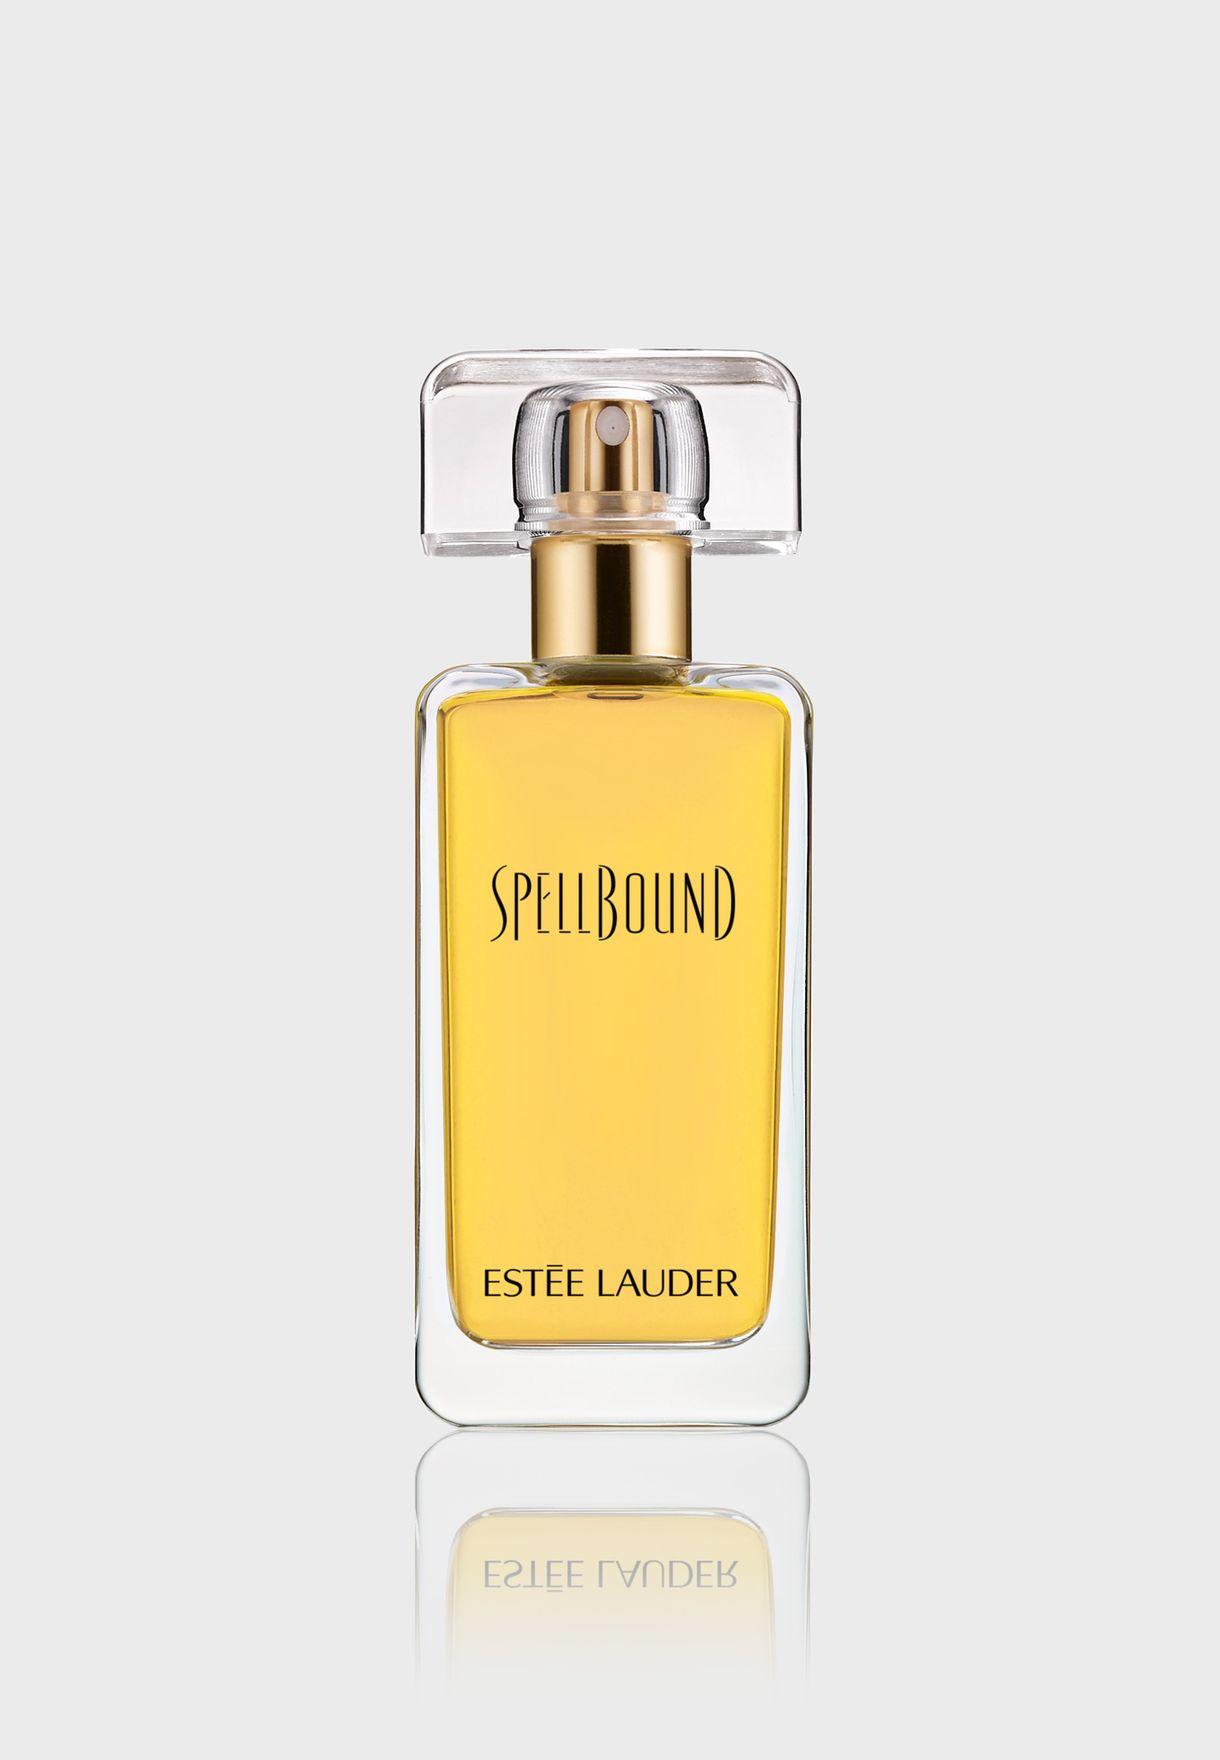 SpellBound Eau de Parfum Spray